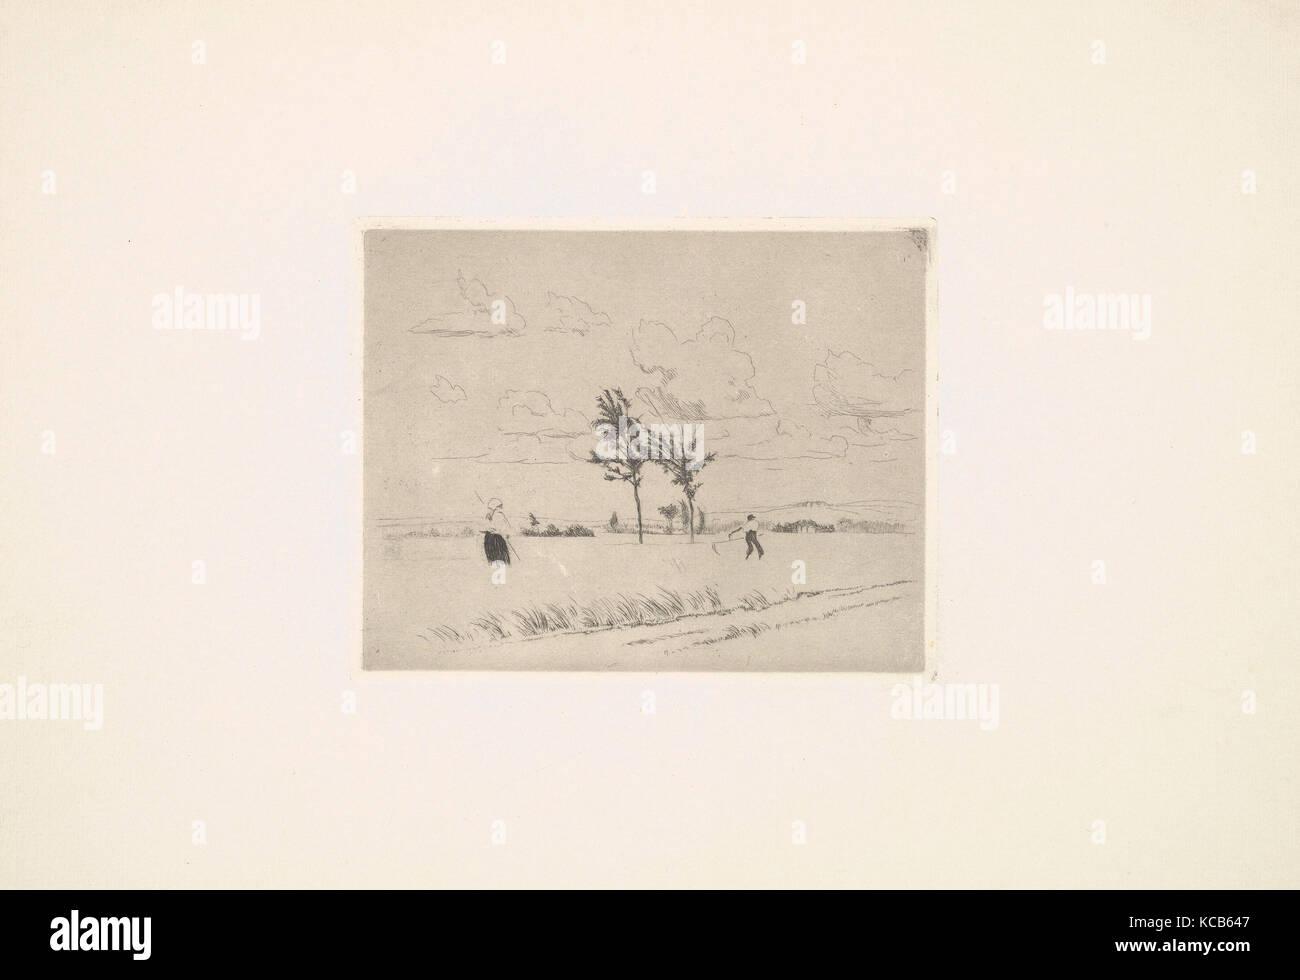 Heuernte 1918 19 ätzen Platte 4 18 X 5 14 Inch 105 X 133 Cm